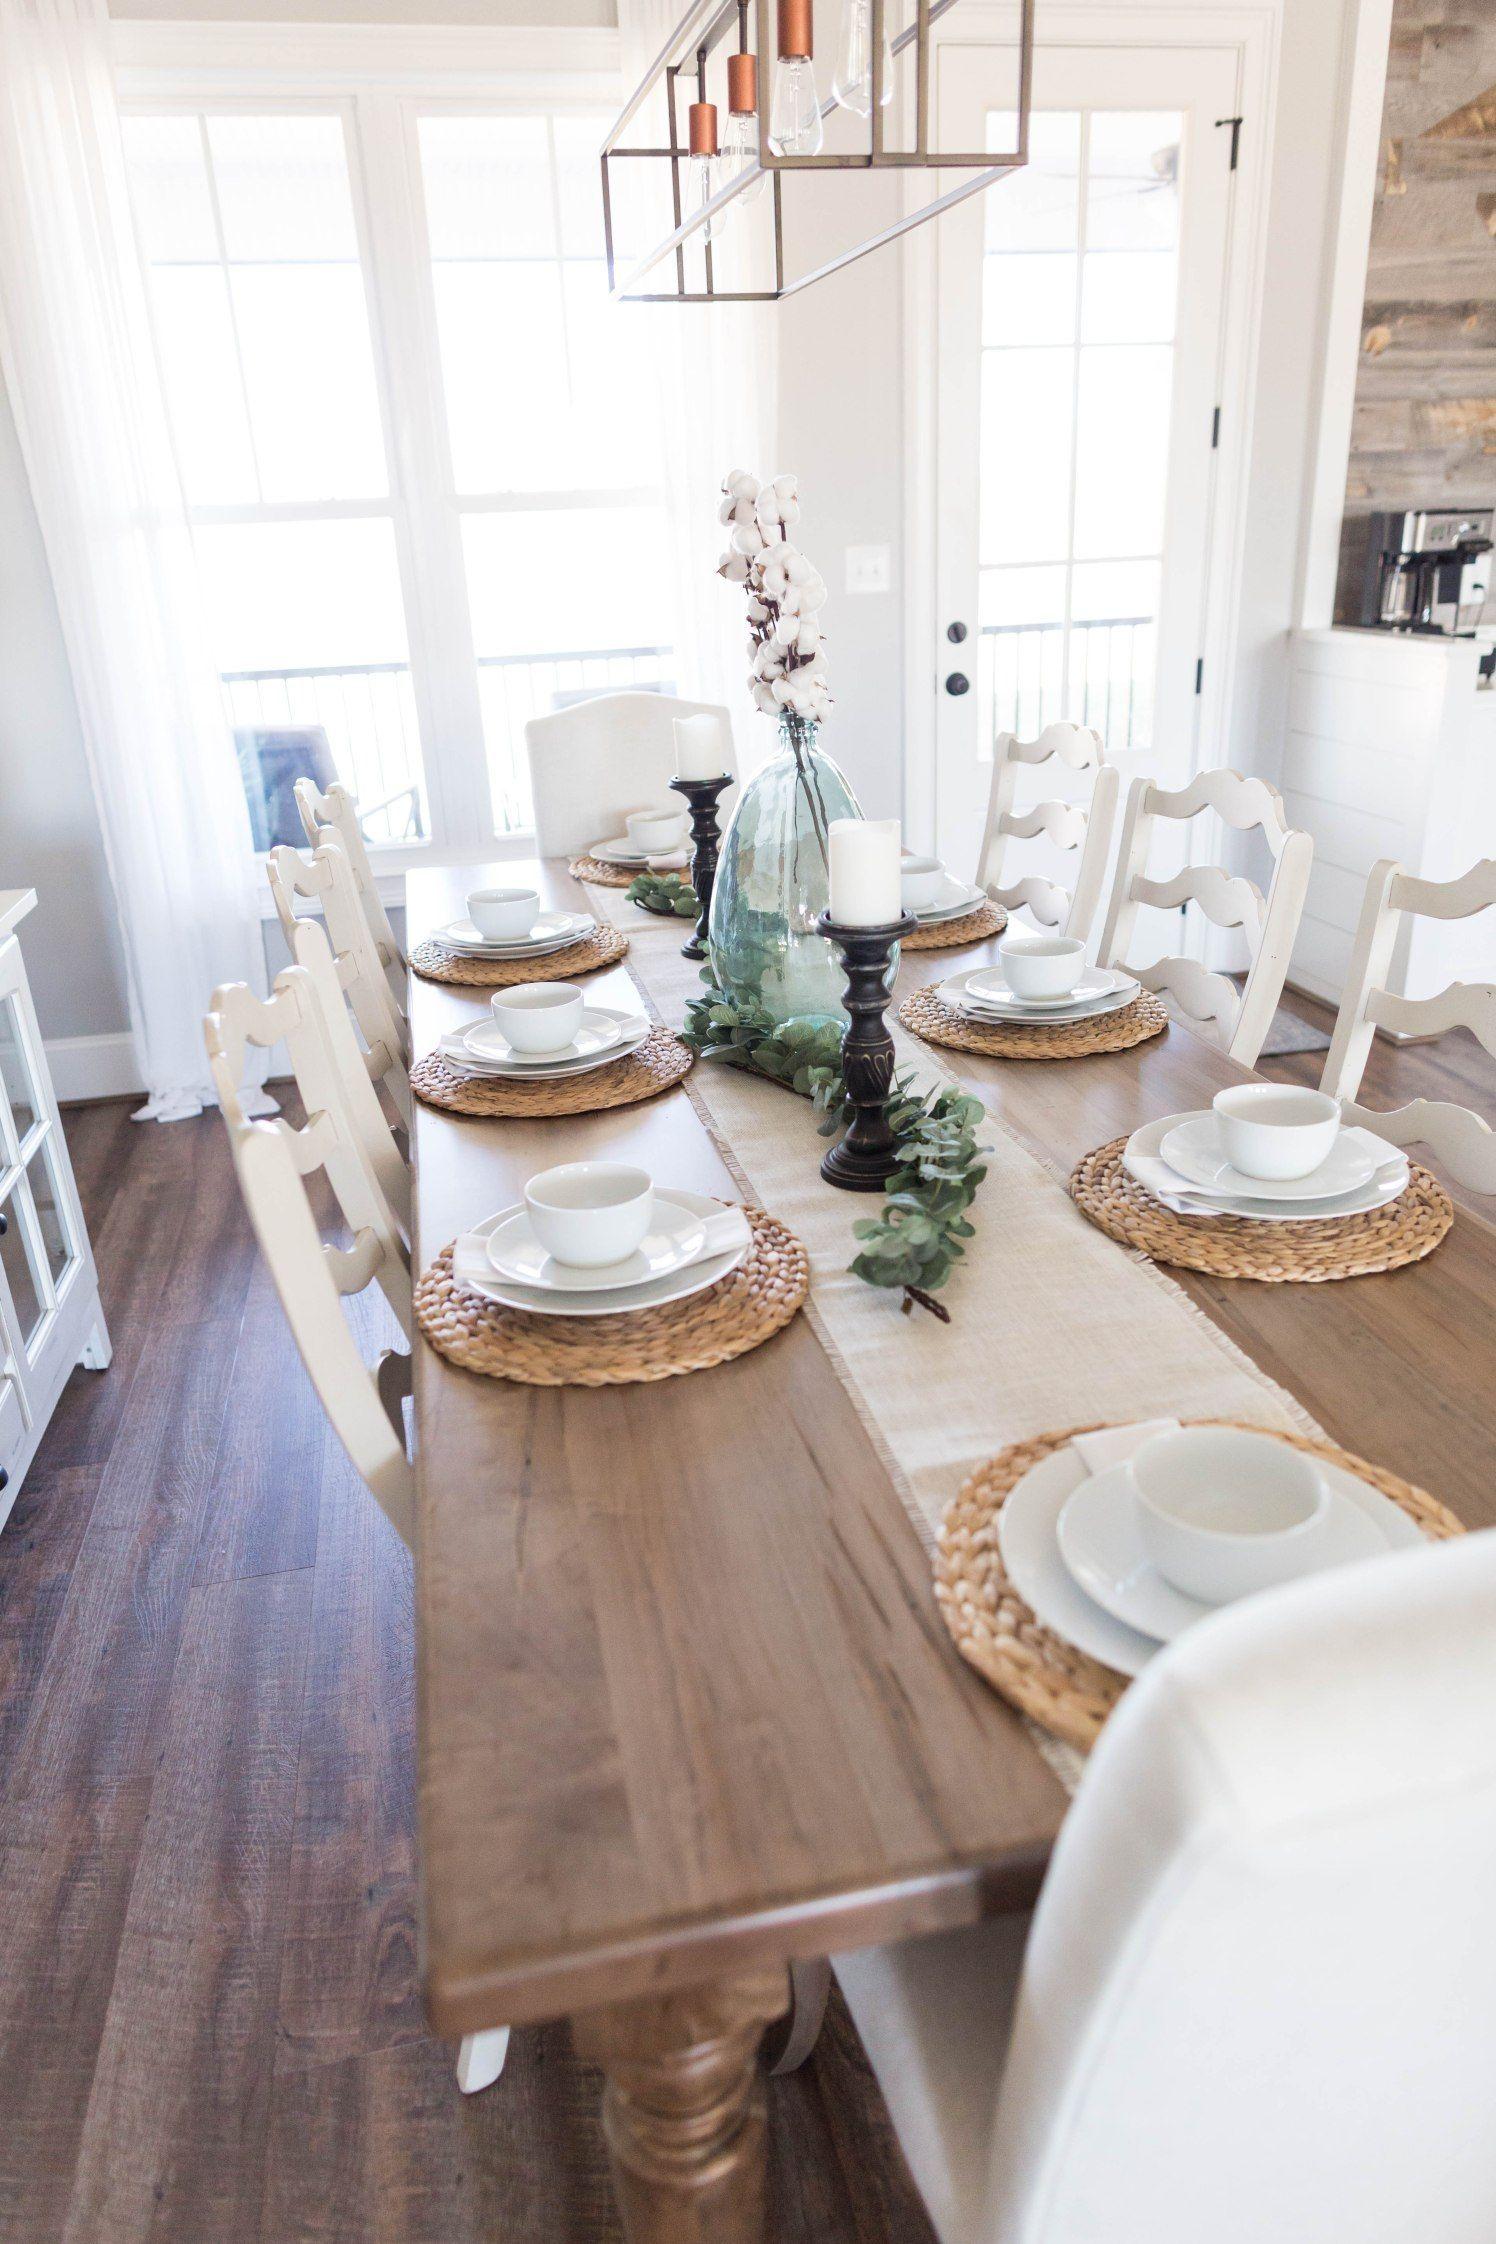 Discover The Best Interior Design Inspirations For A Brand New Home Decor Ho Farmhouse Dining Room Table Farmhouse Kitchen Tables Dining Room Table Decor